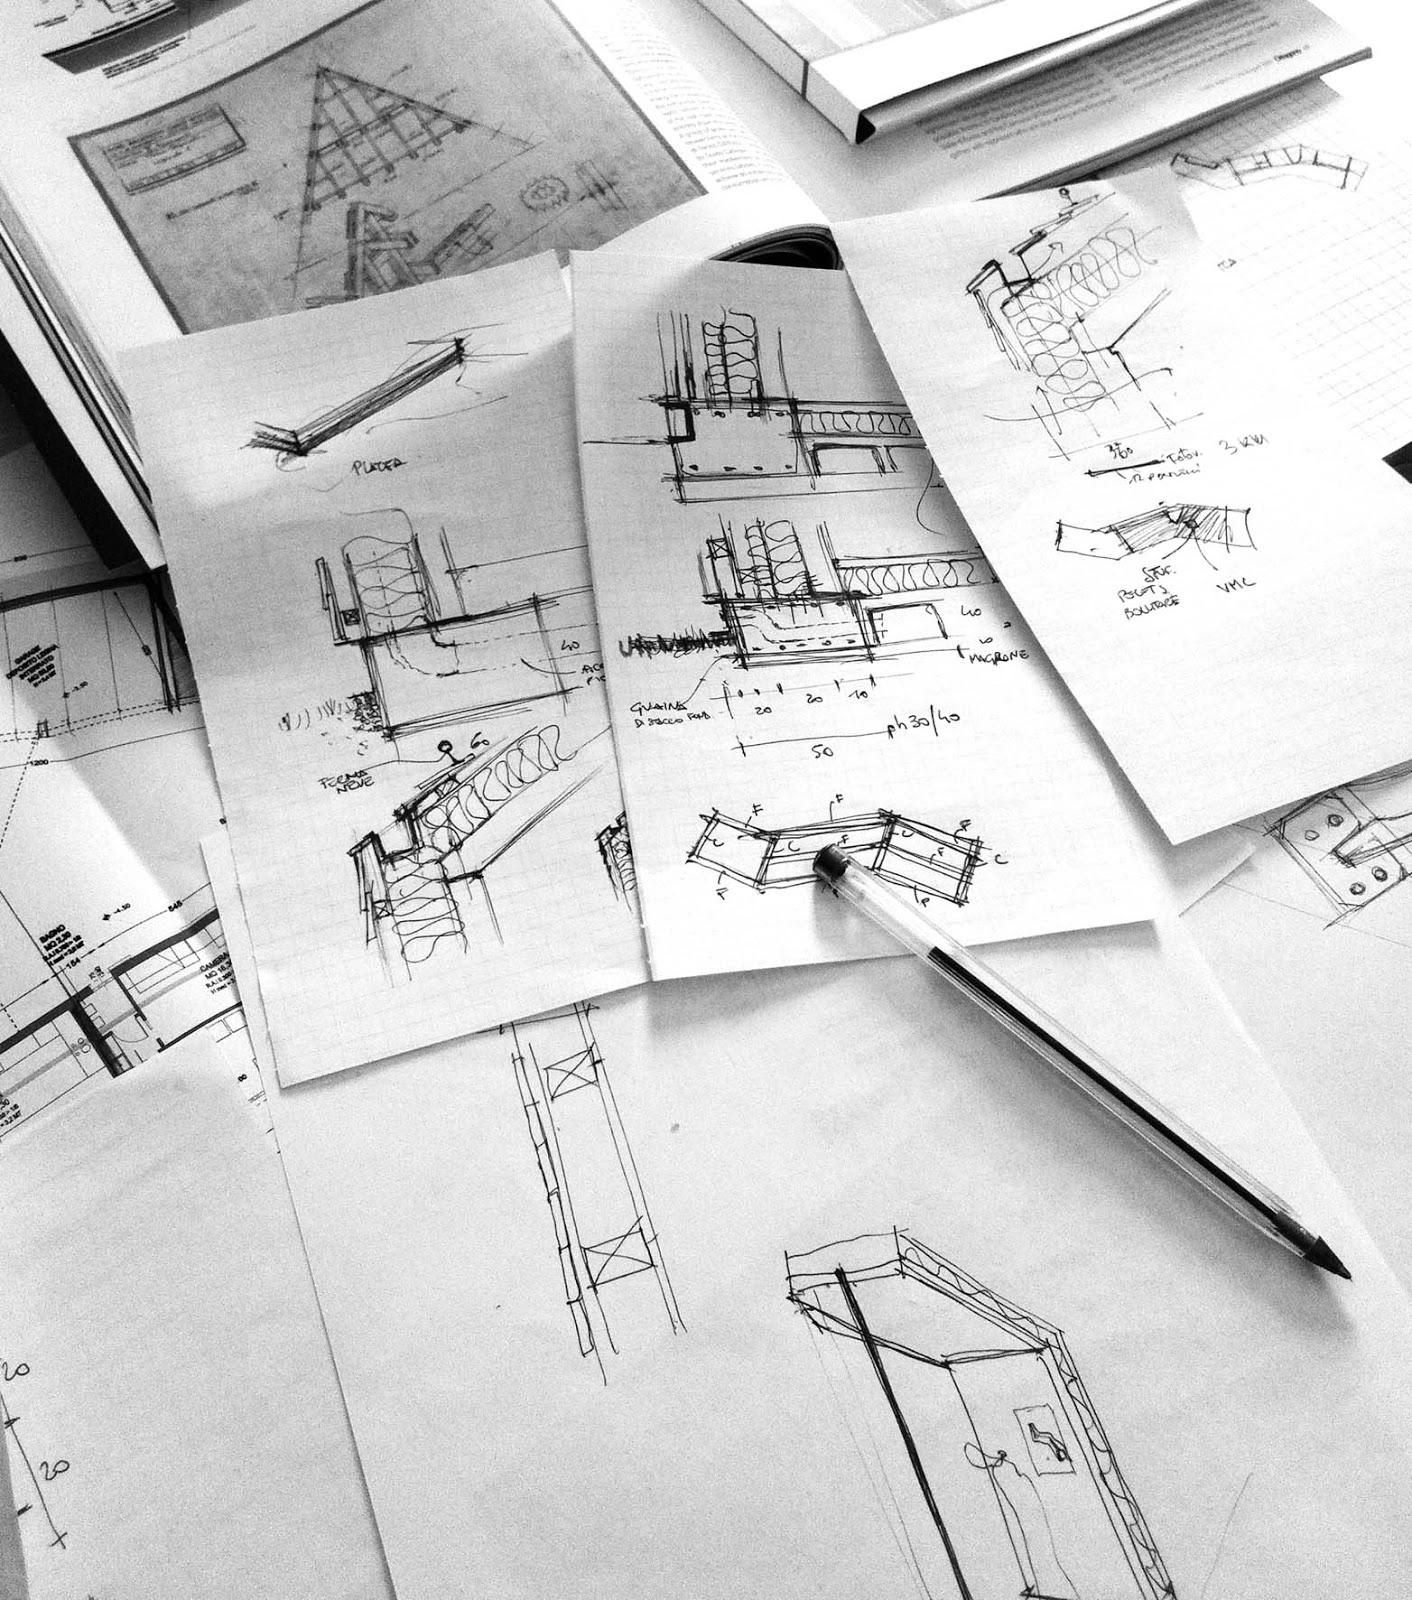 Progettare la propria casa in casa implica una modifica strutturale della fisionomia della casa - Progettare la propria casa ...